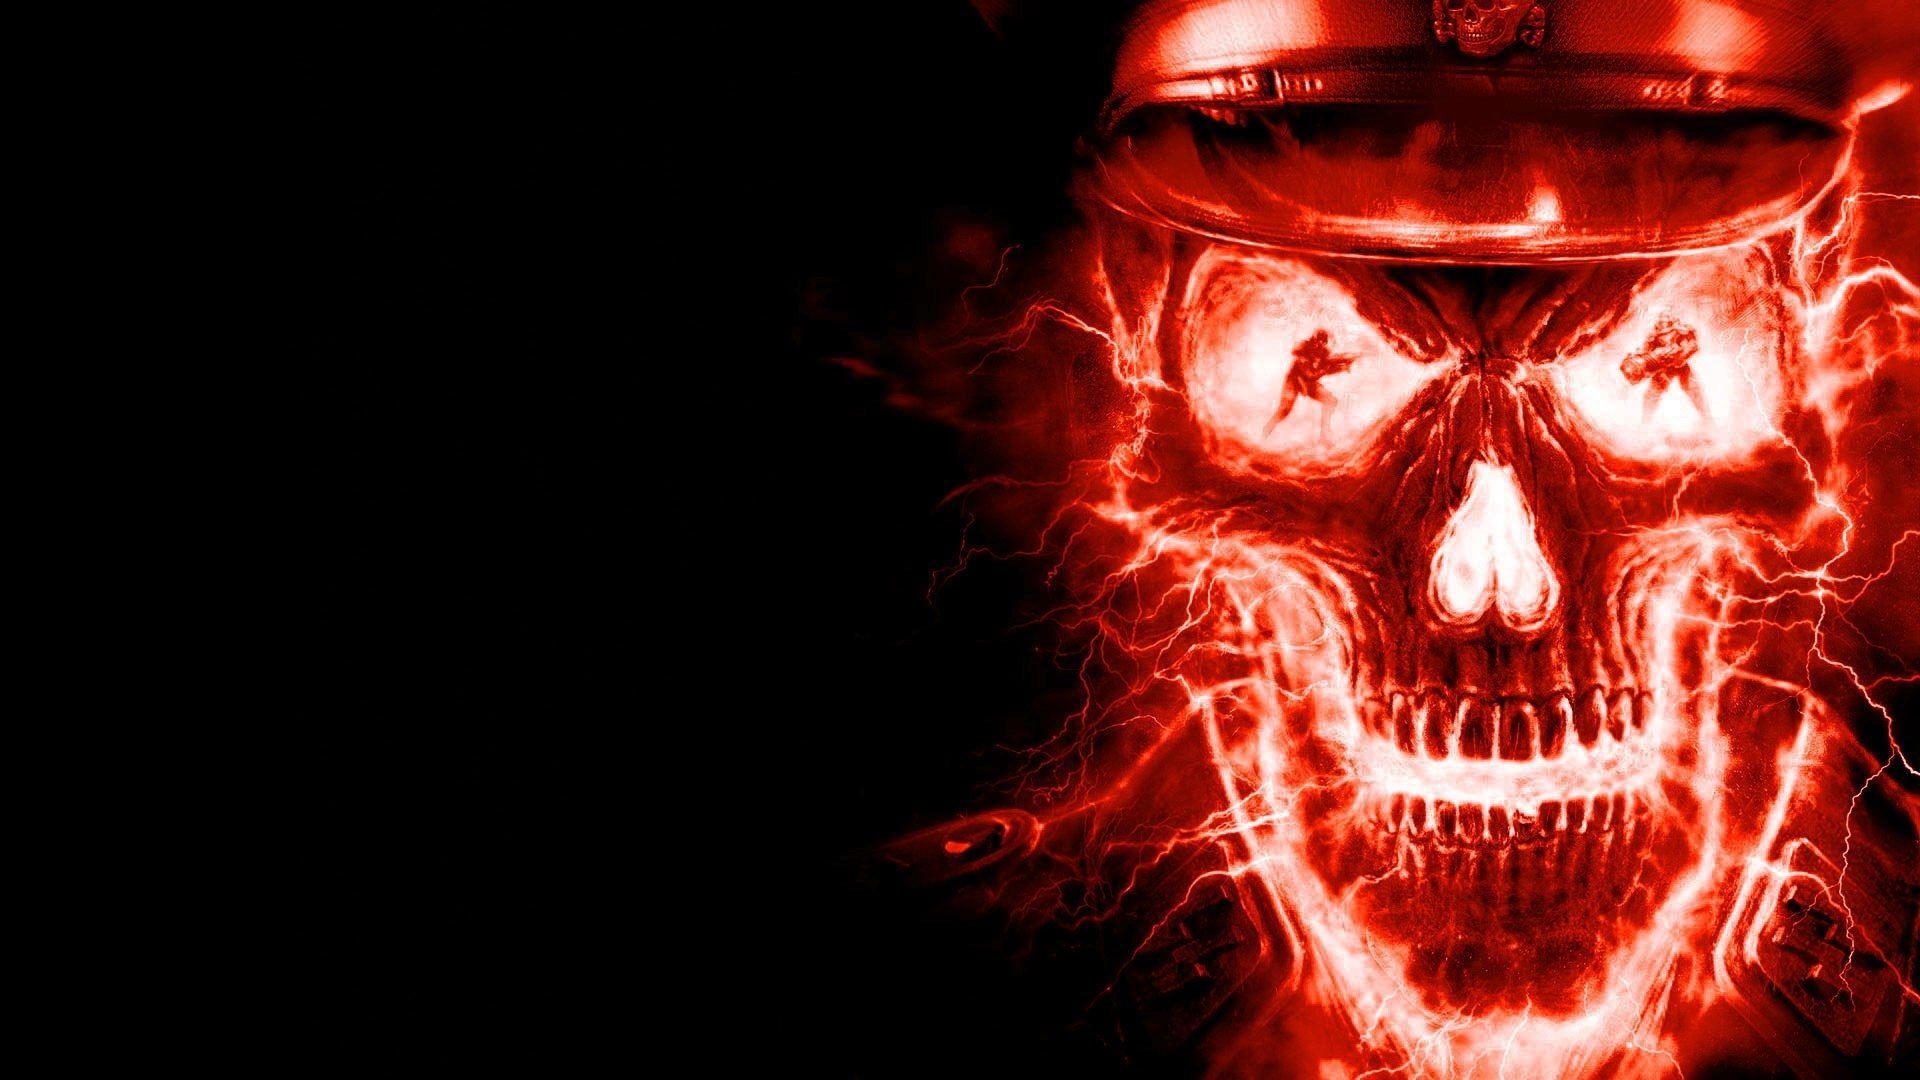 Fire Skull Wallpaper Free Download High 1920x1080px Music Skull Wallpaper 559726 Skull Wallpaper Black Skulls Wallpaper Fire Art